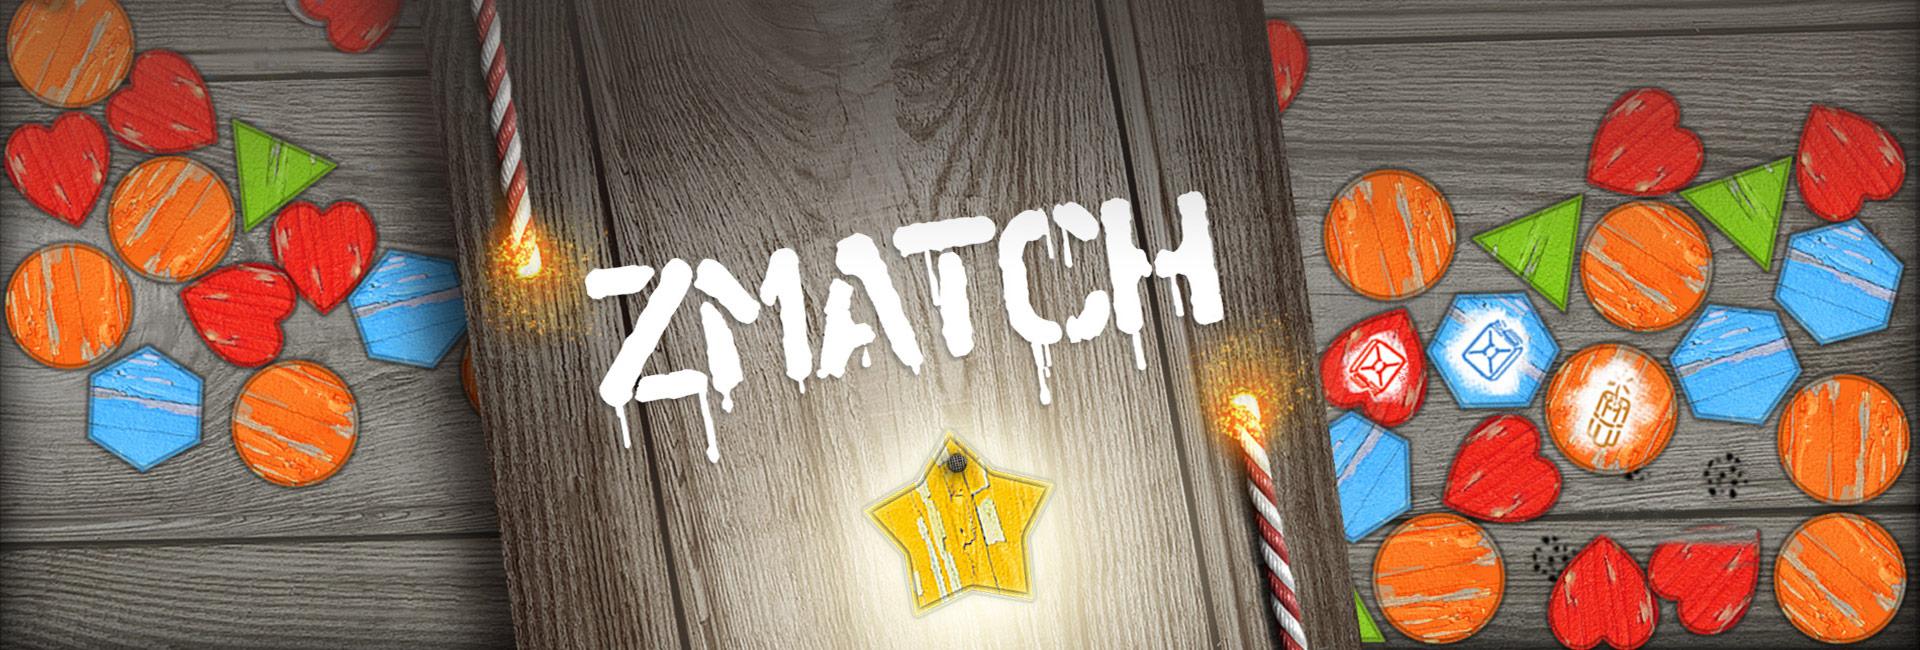 zMatch